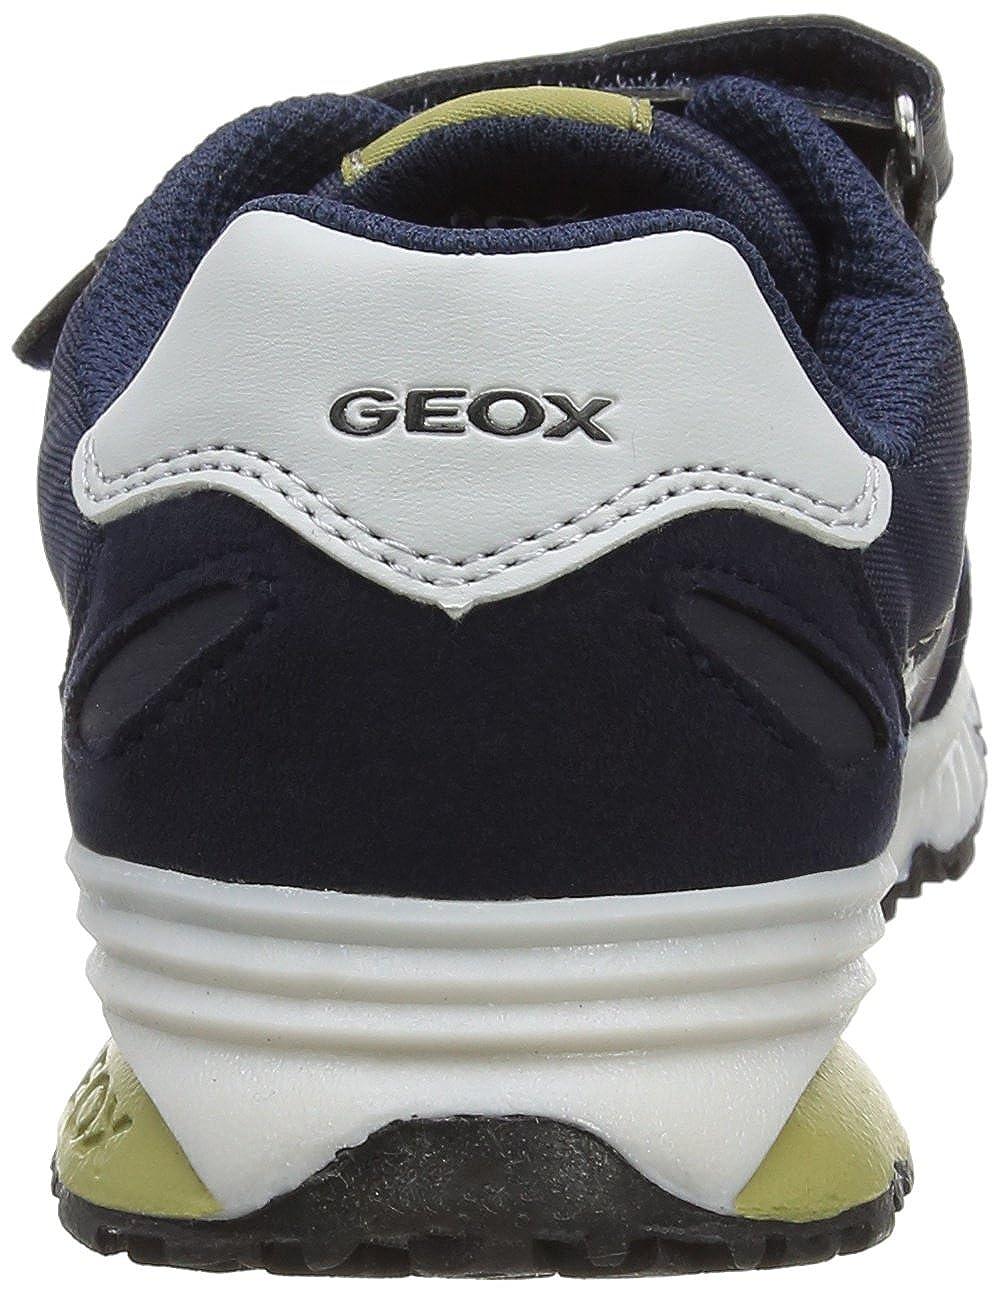 Geox Sneaker low navypistachio Herren Schuhe Sneaker